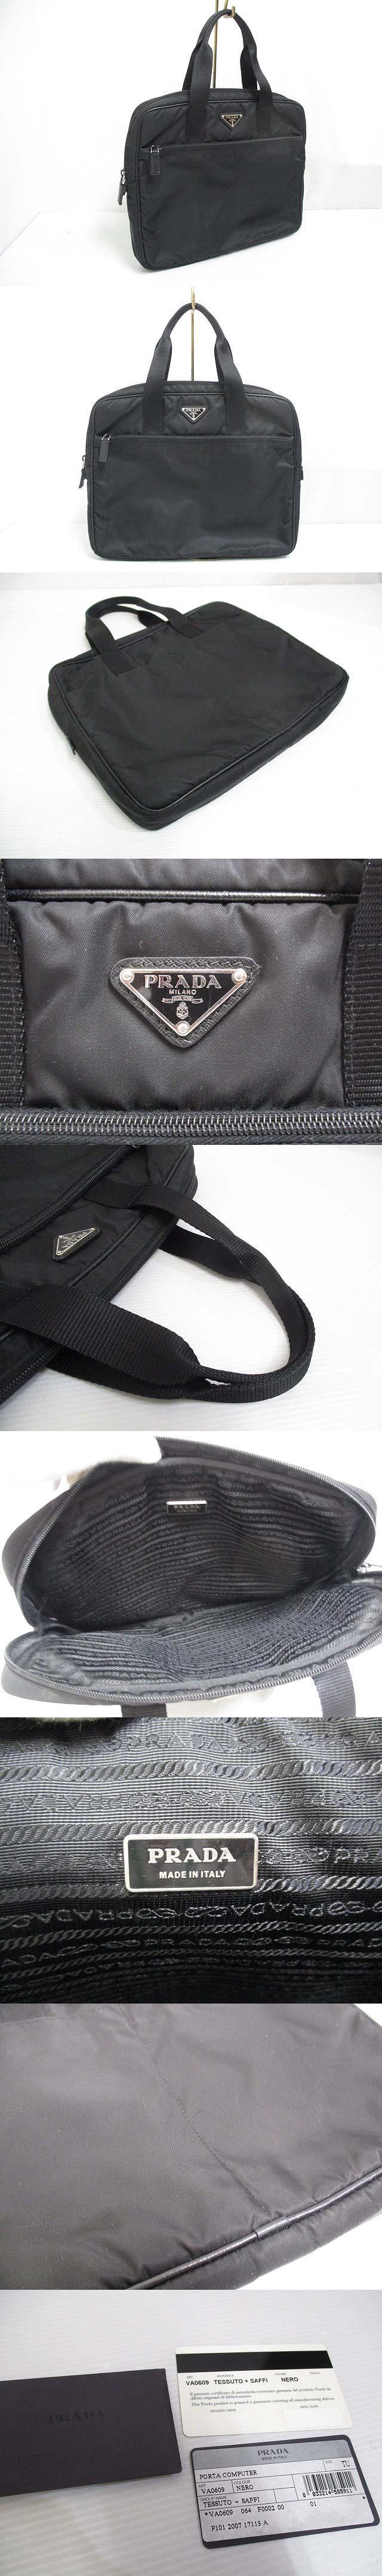 half off 1eaa9 17de2 Prada PRADA VA0609 briefcase PC bag black black business ...